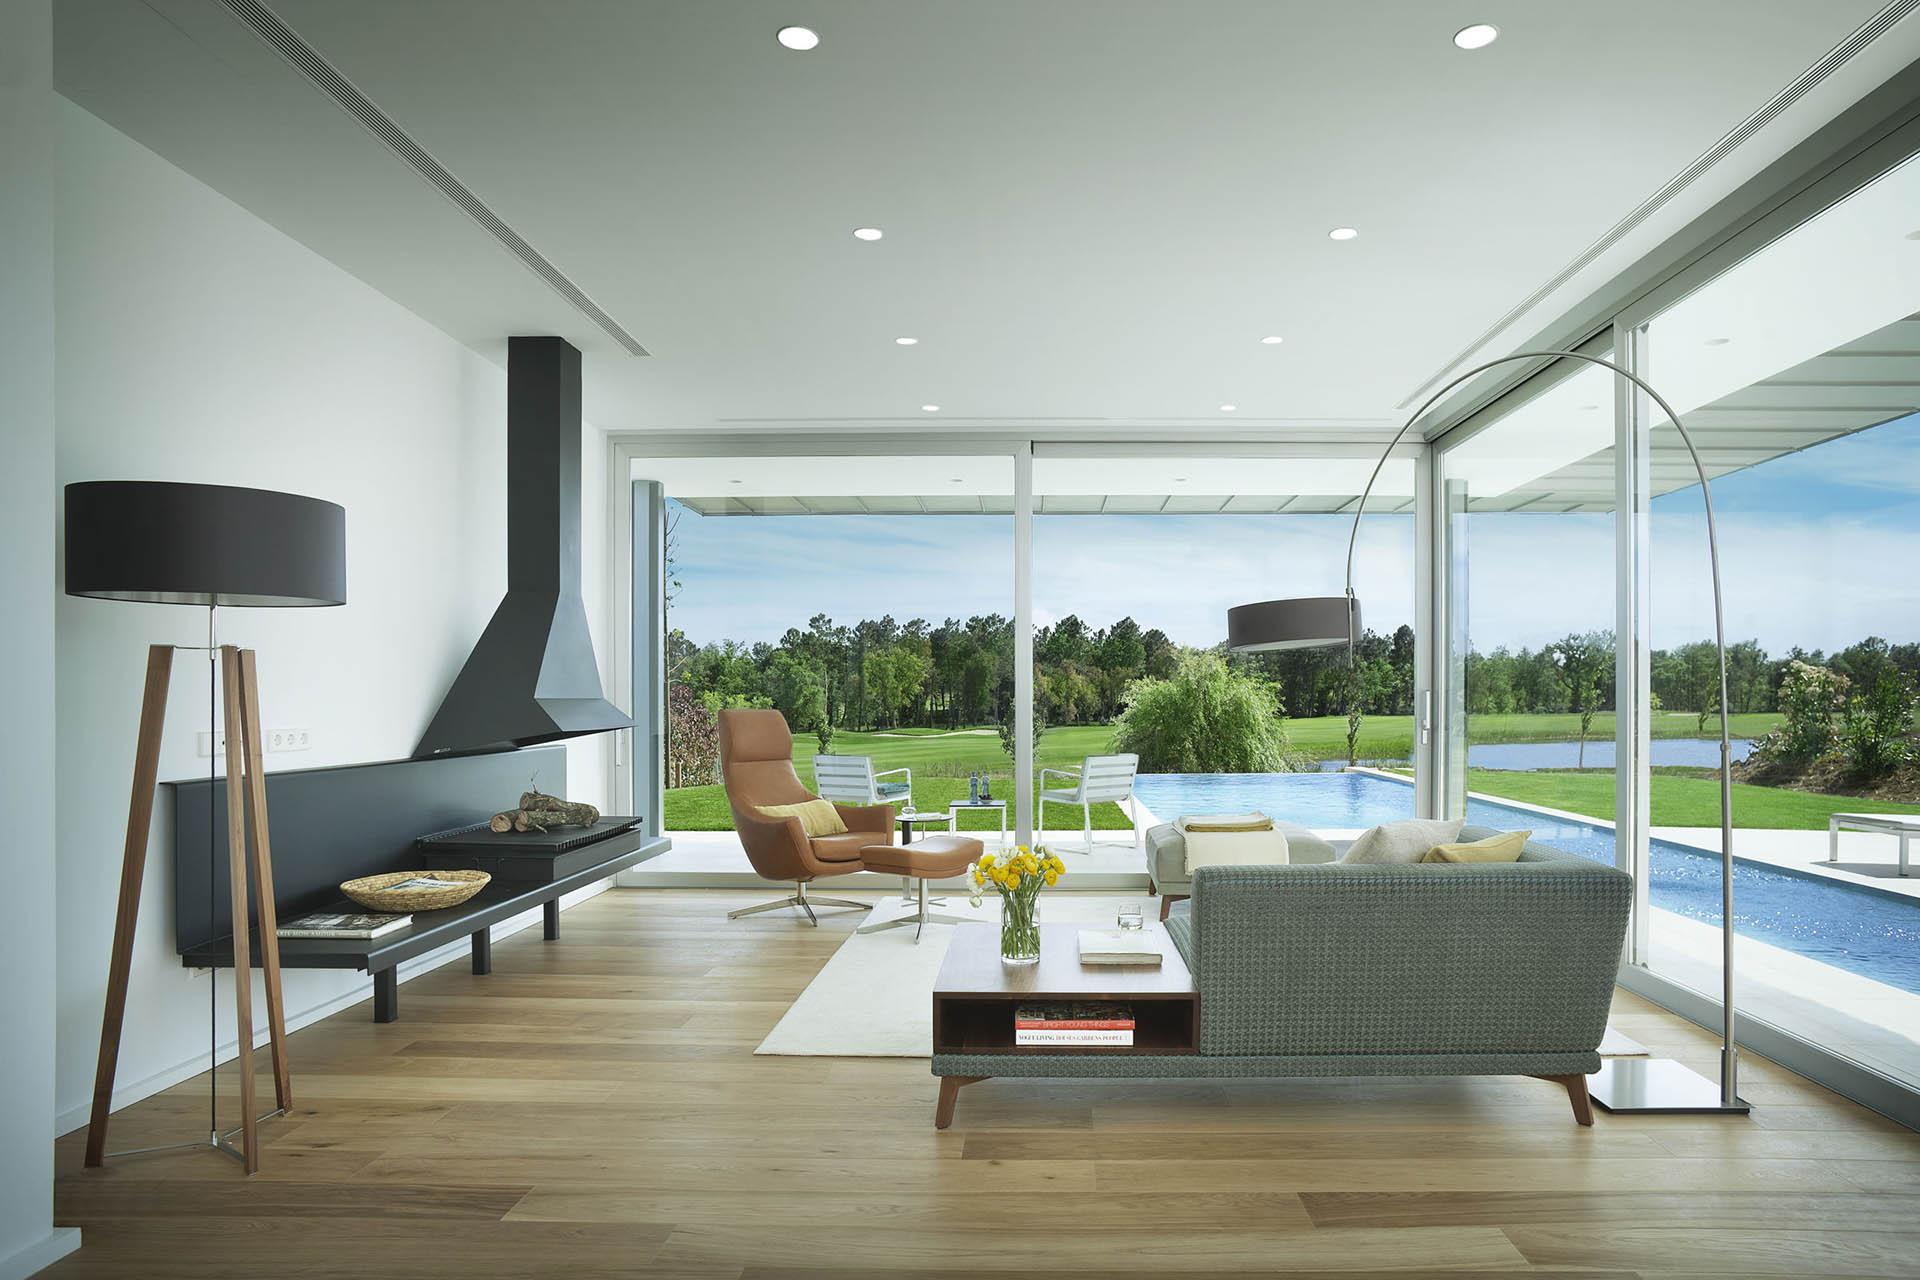 Vcc interior design